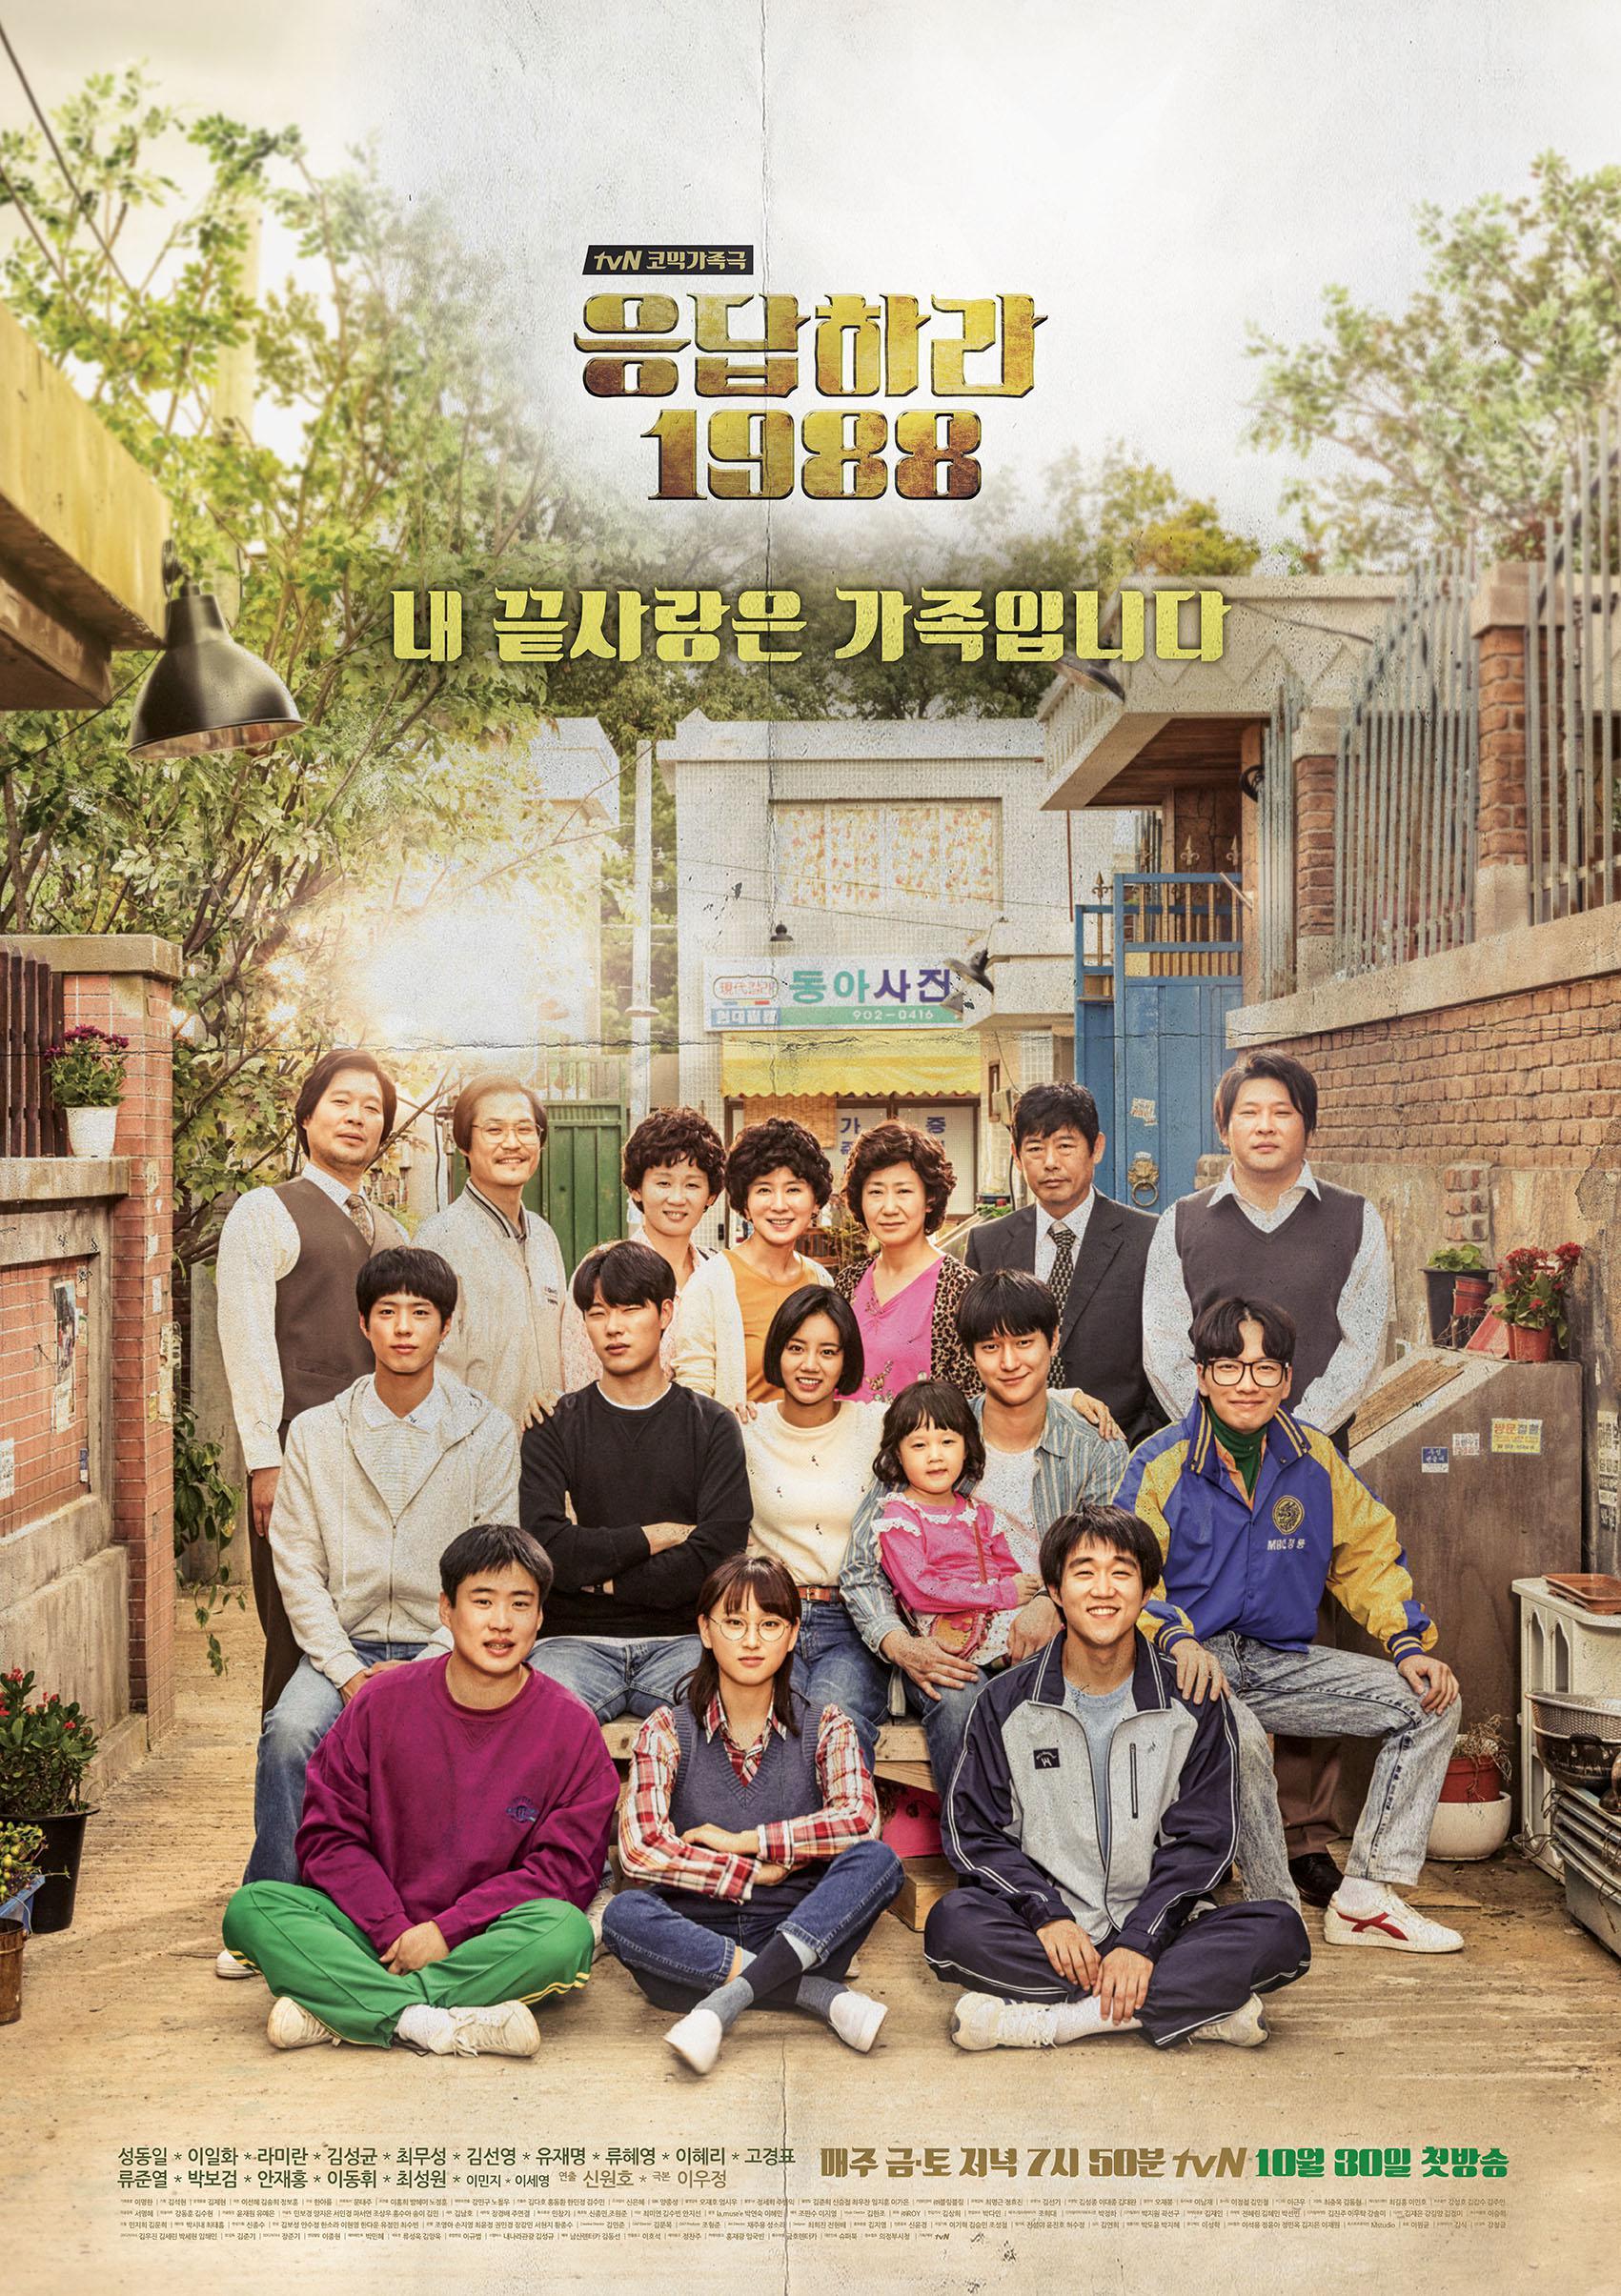 好看的韩剧排行榜前十名推荐,值得看看